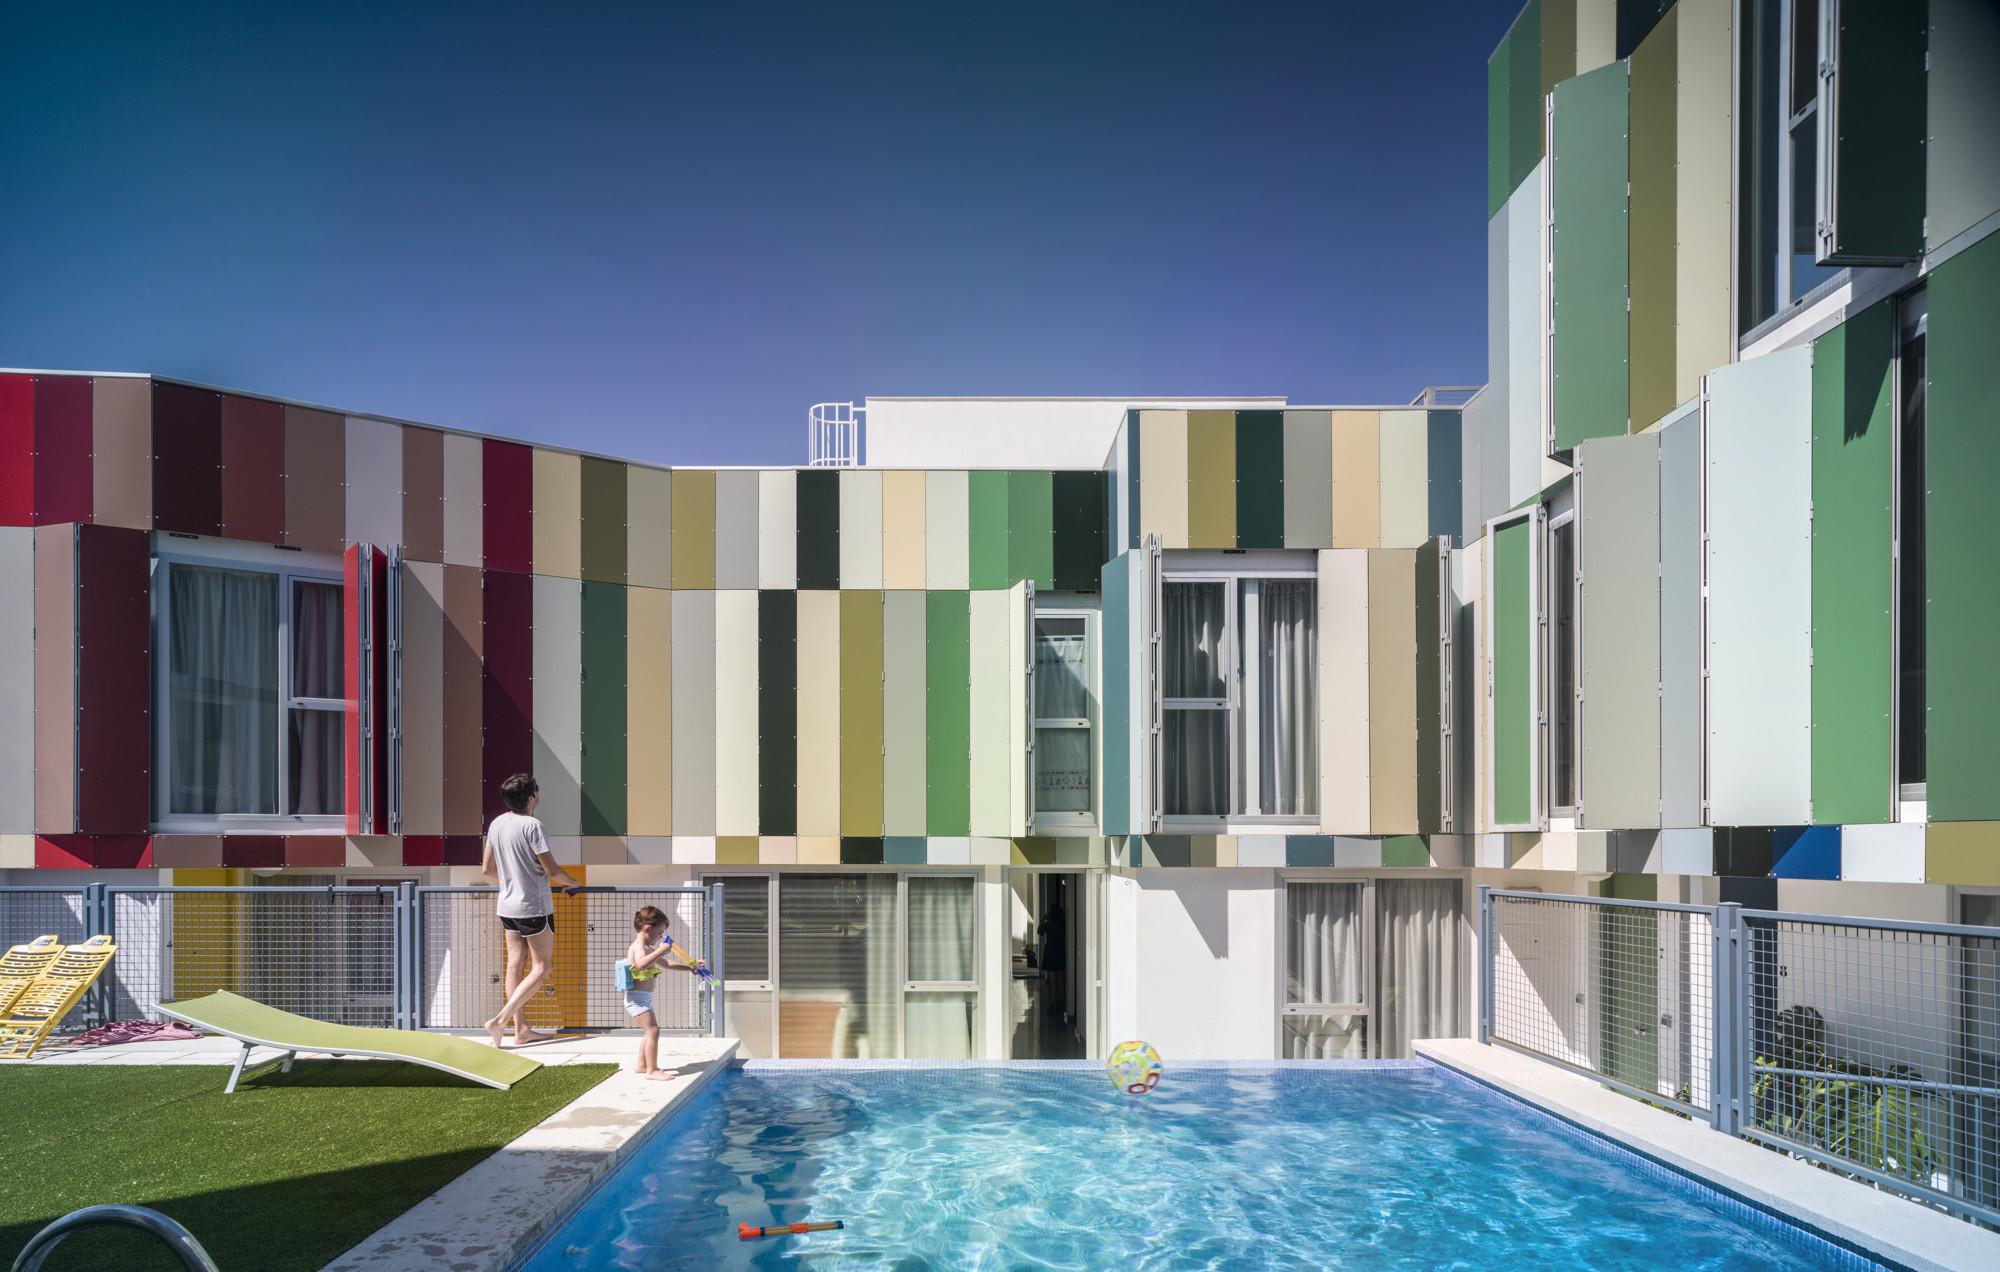 145 - Toque fresco, urbano y lleno de color en el barrio de San Juan de Jaén